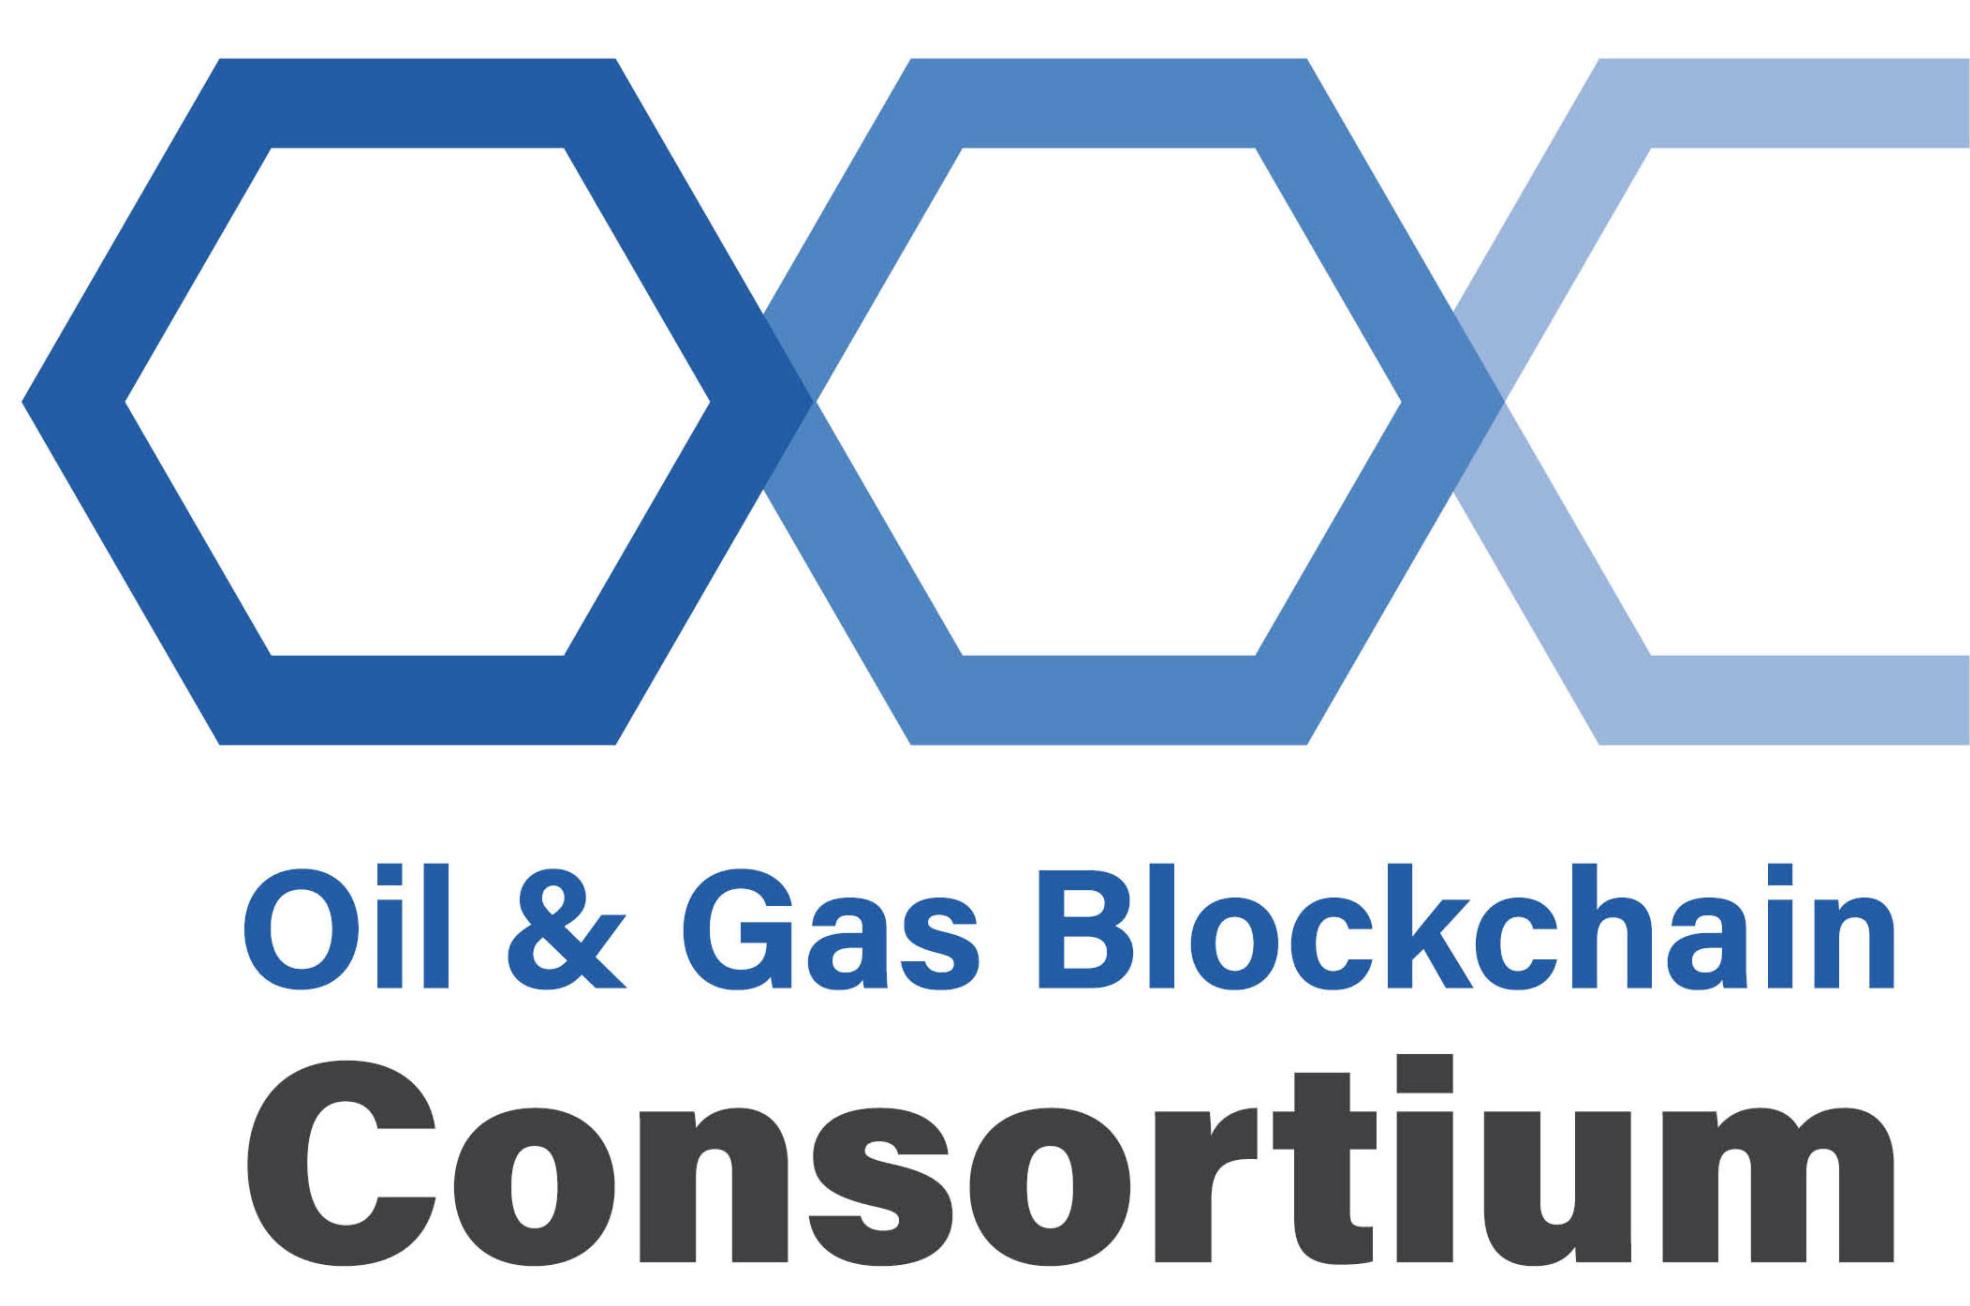 oil and gas blockchain consortium